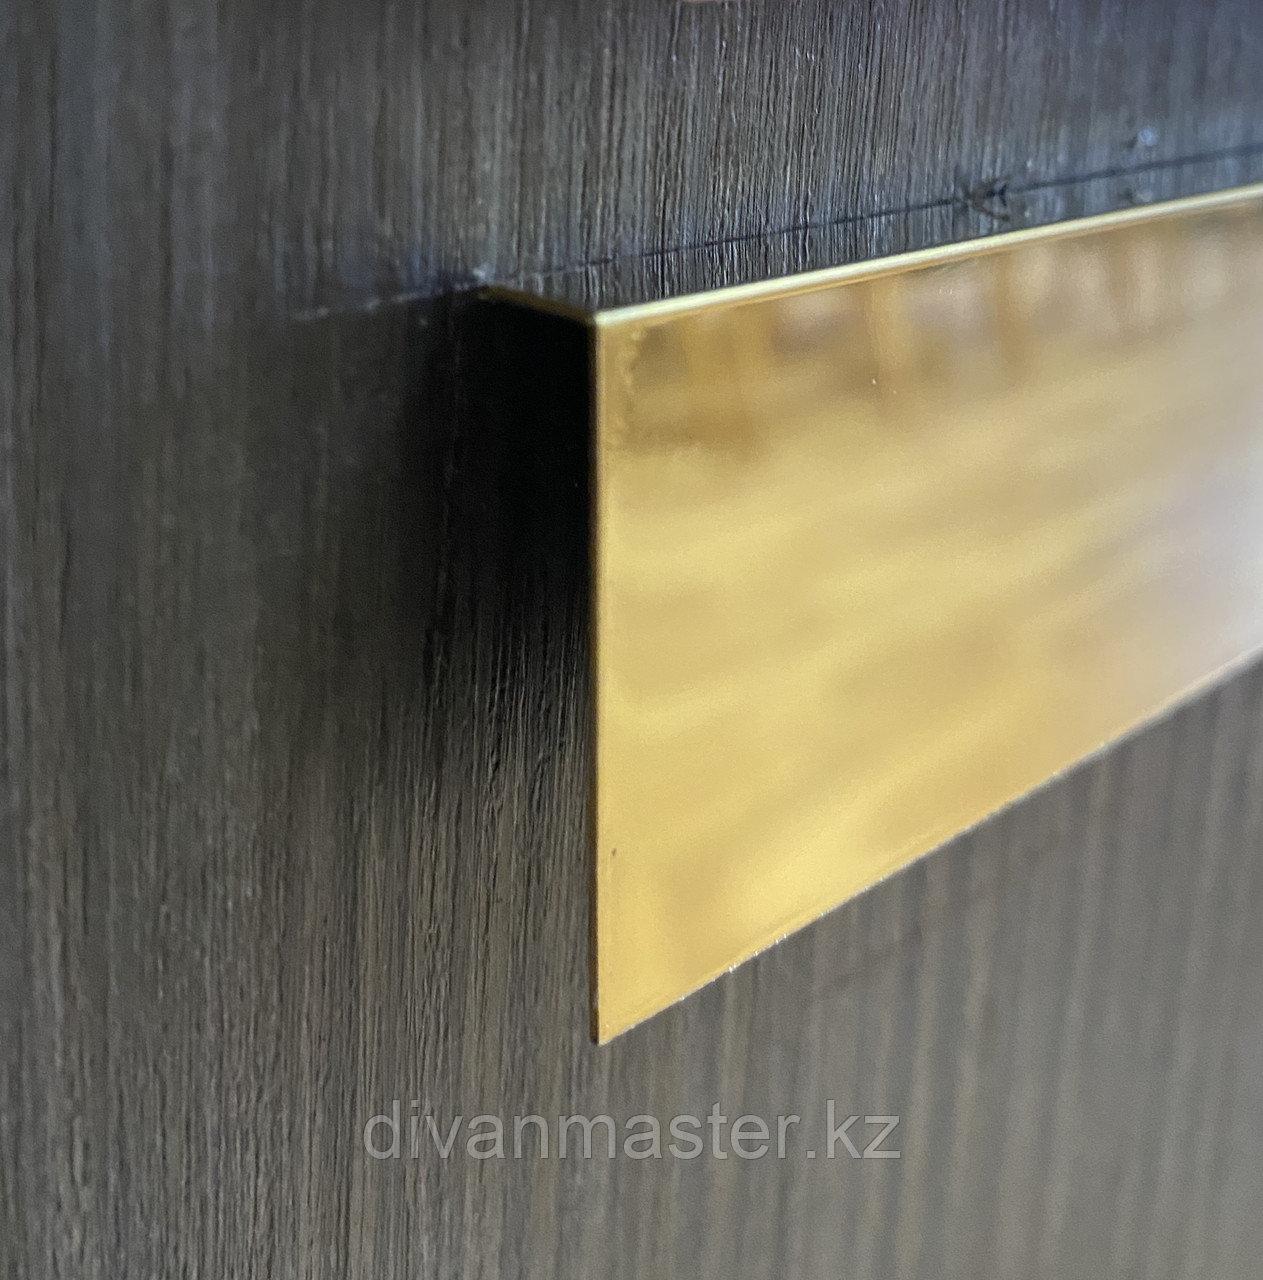 L-Профиль 12*33, зеркальное золото, для декорирования мебели, 305 см, L-образный